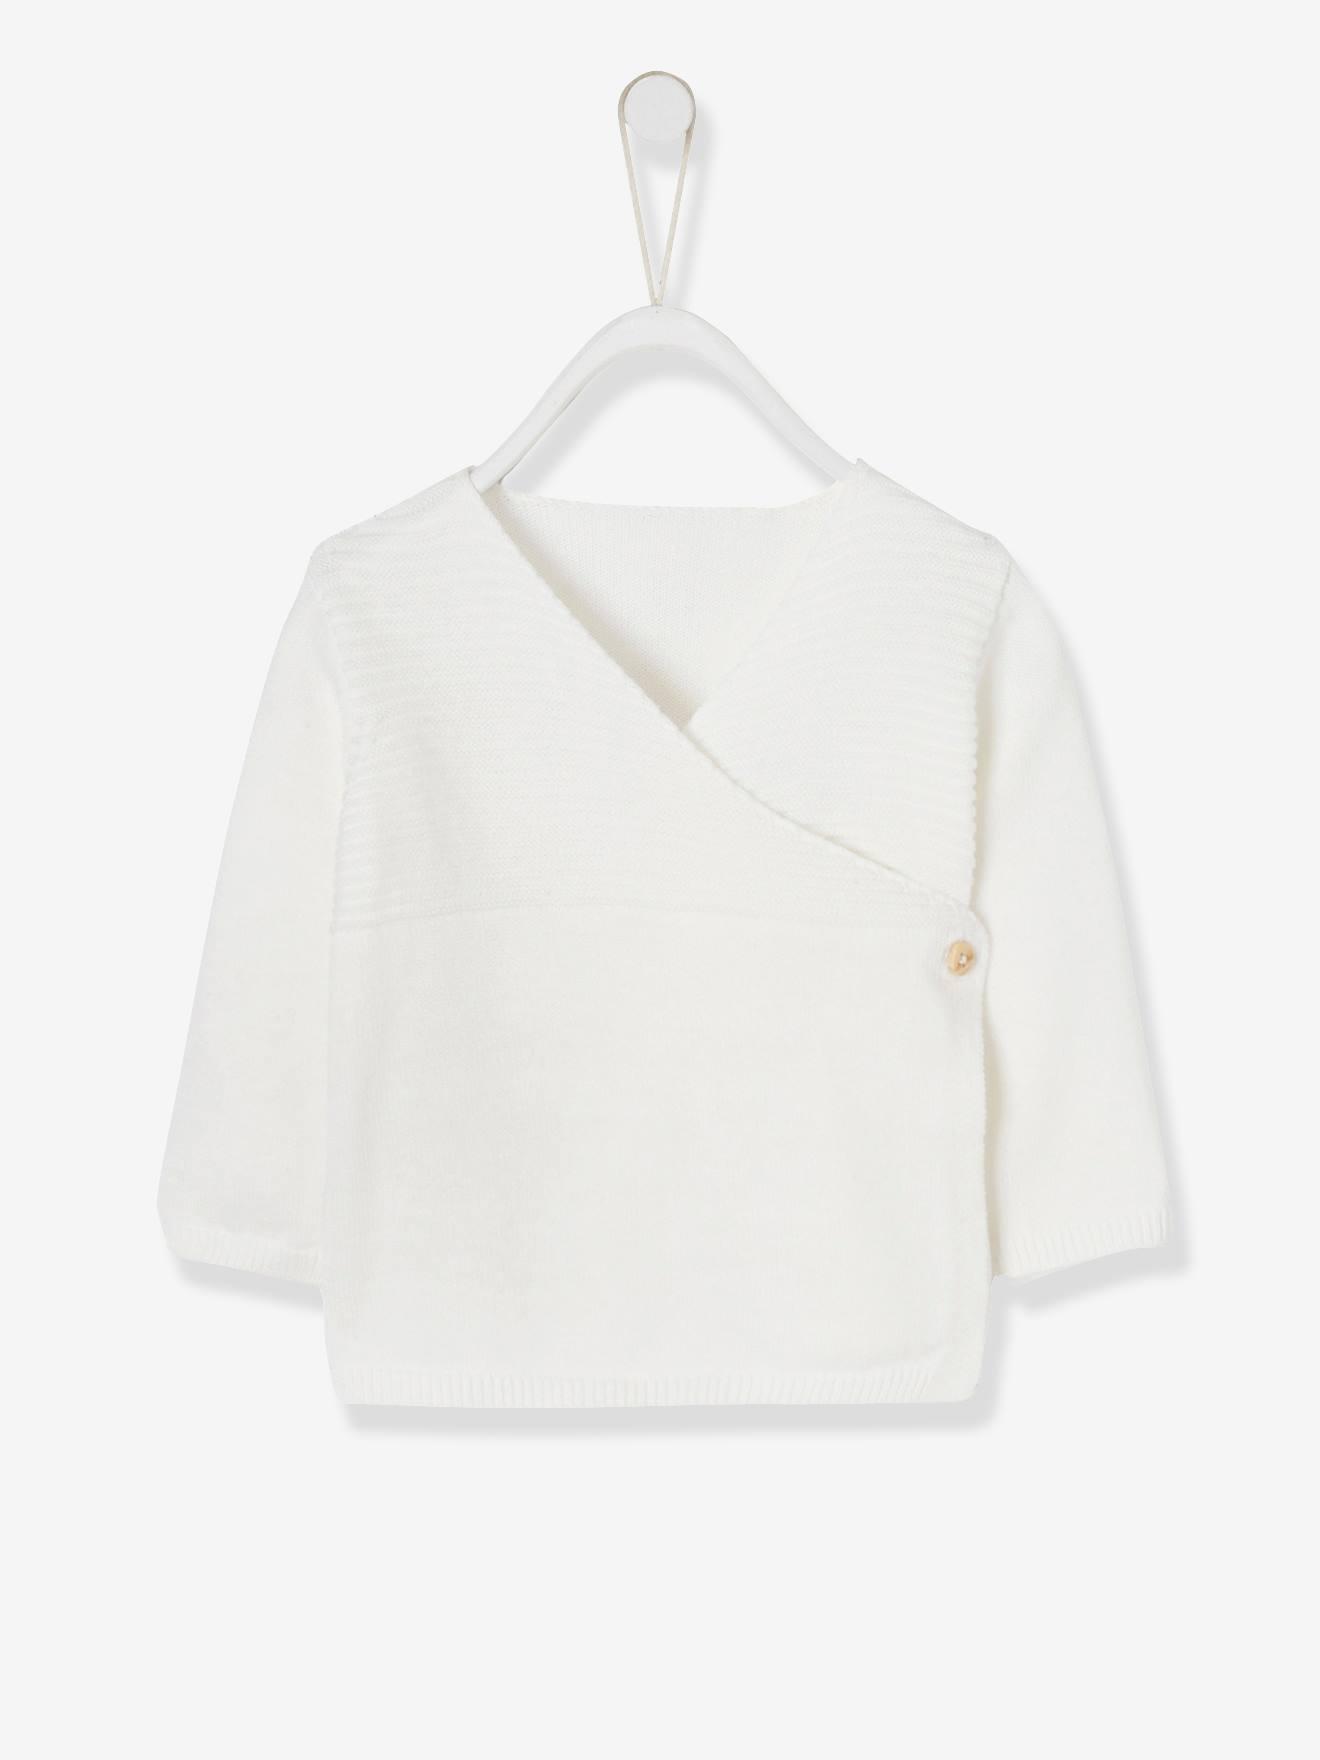 Brassière bébé naissance en tricot de coton bio écru